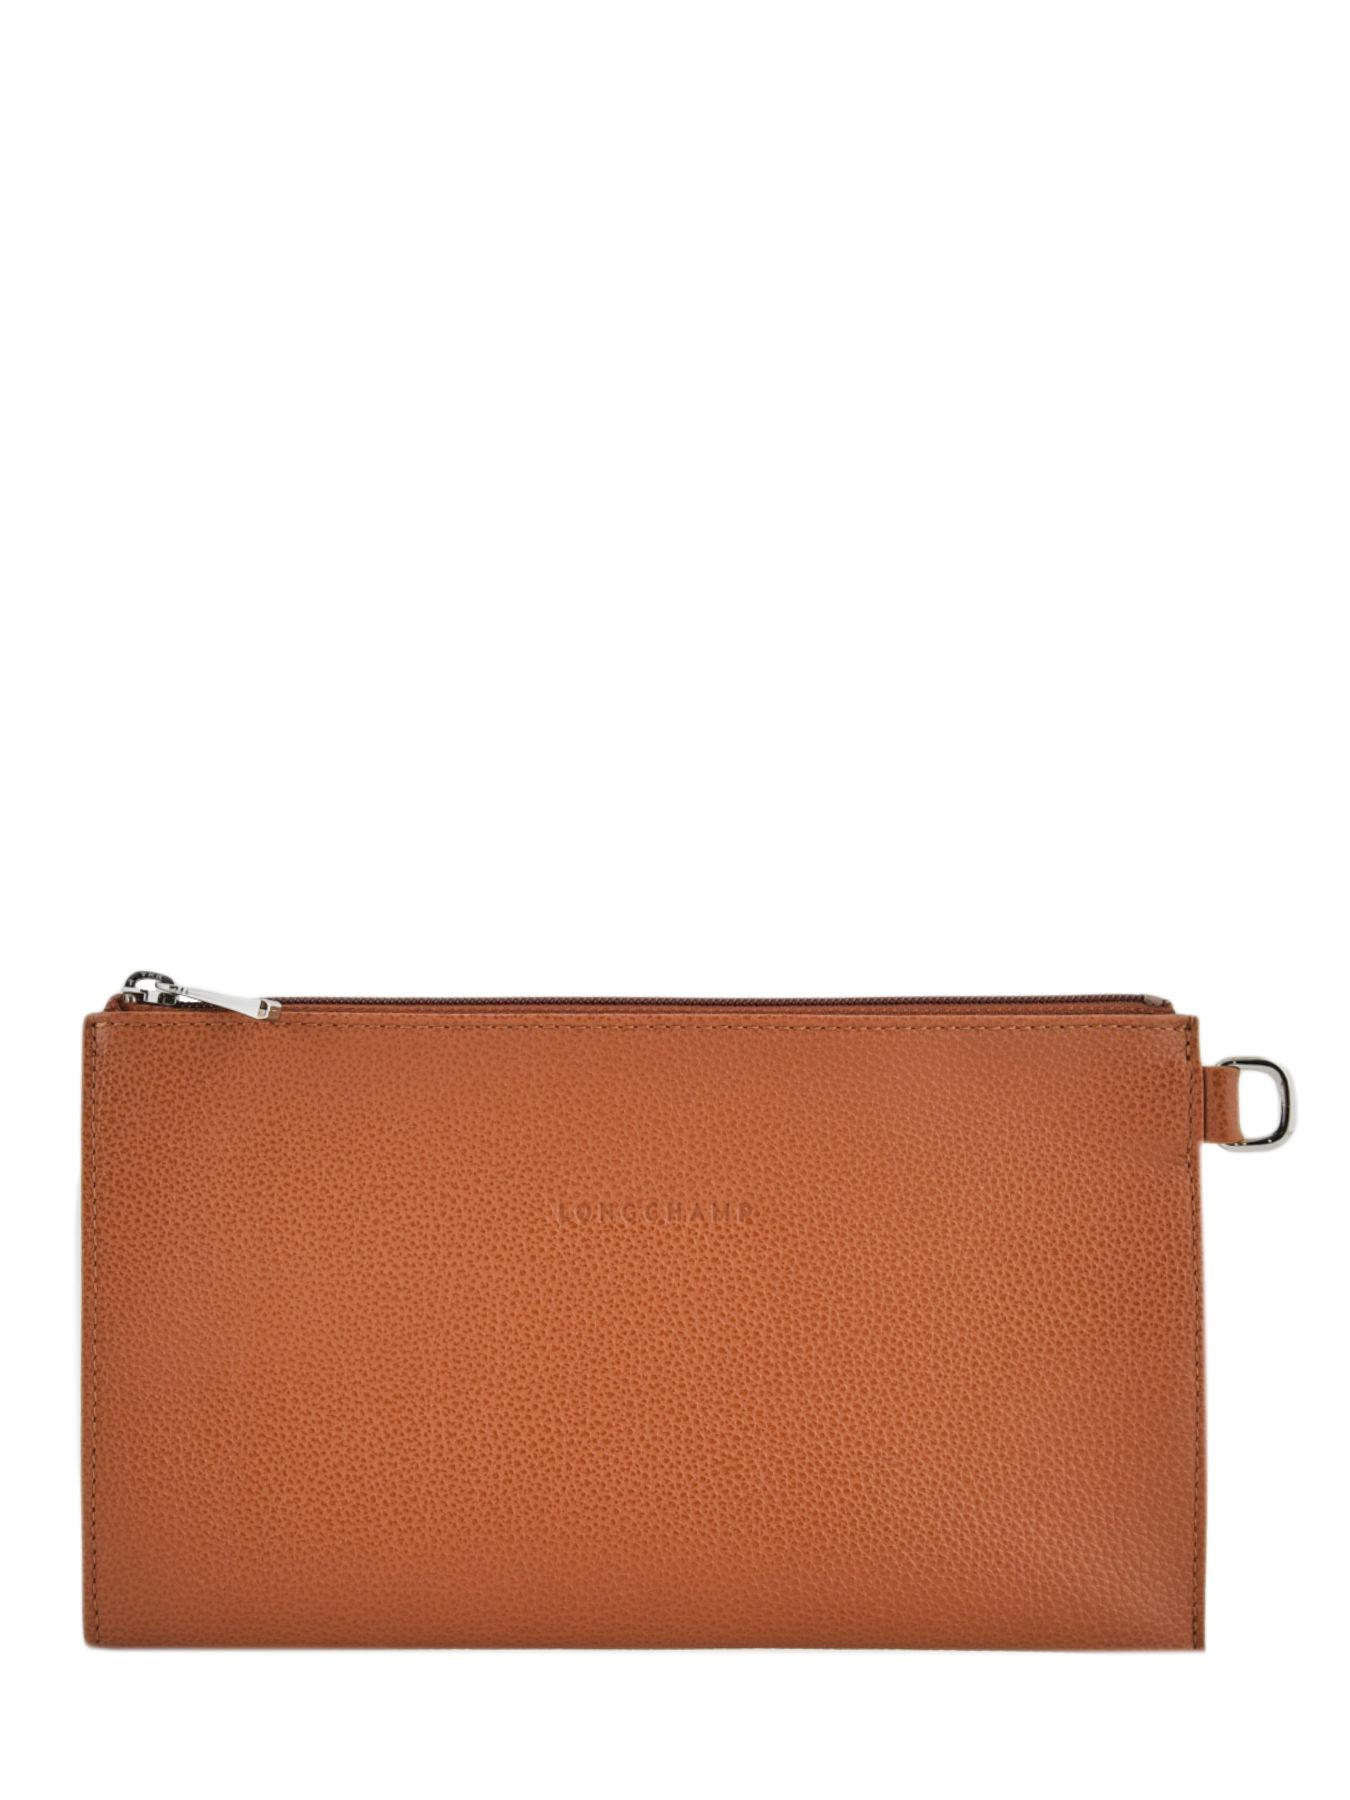 Leather Le Foulonné pouch LONGCHAMP